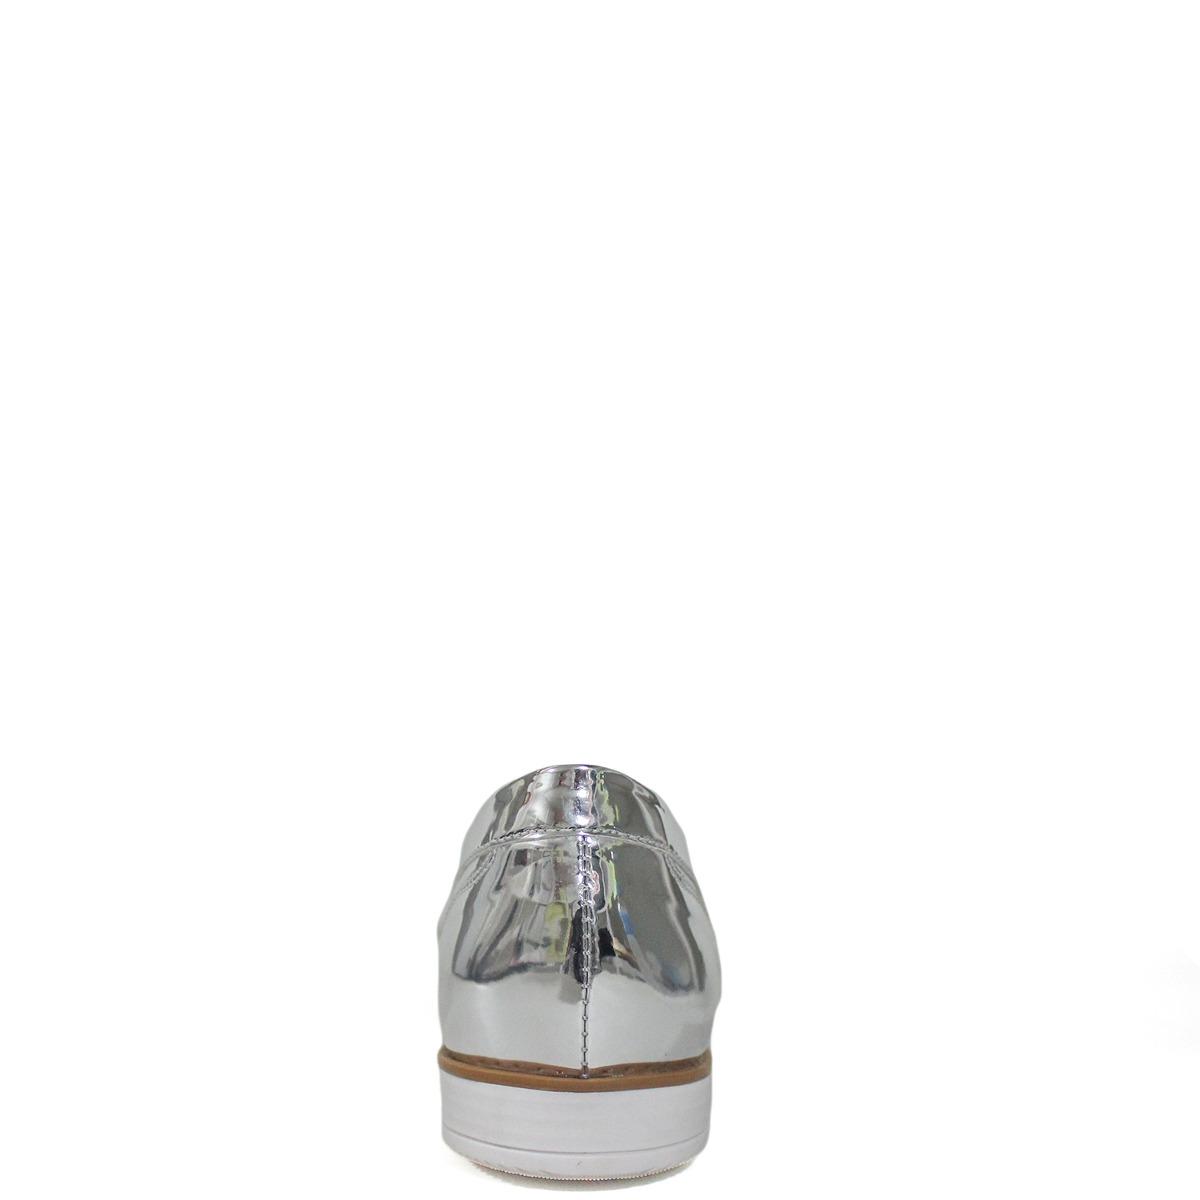 80ae5fcb6 Oxford Lisbella Metalizado Prata - Couro Legítimo - R$ 189,90 em ...